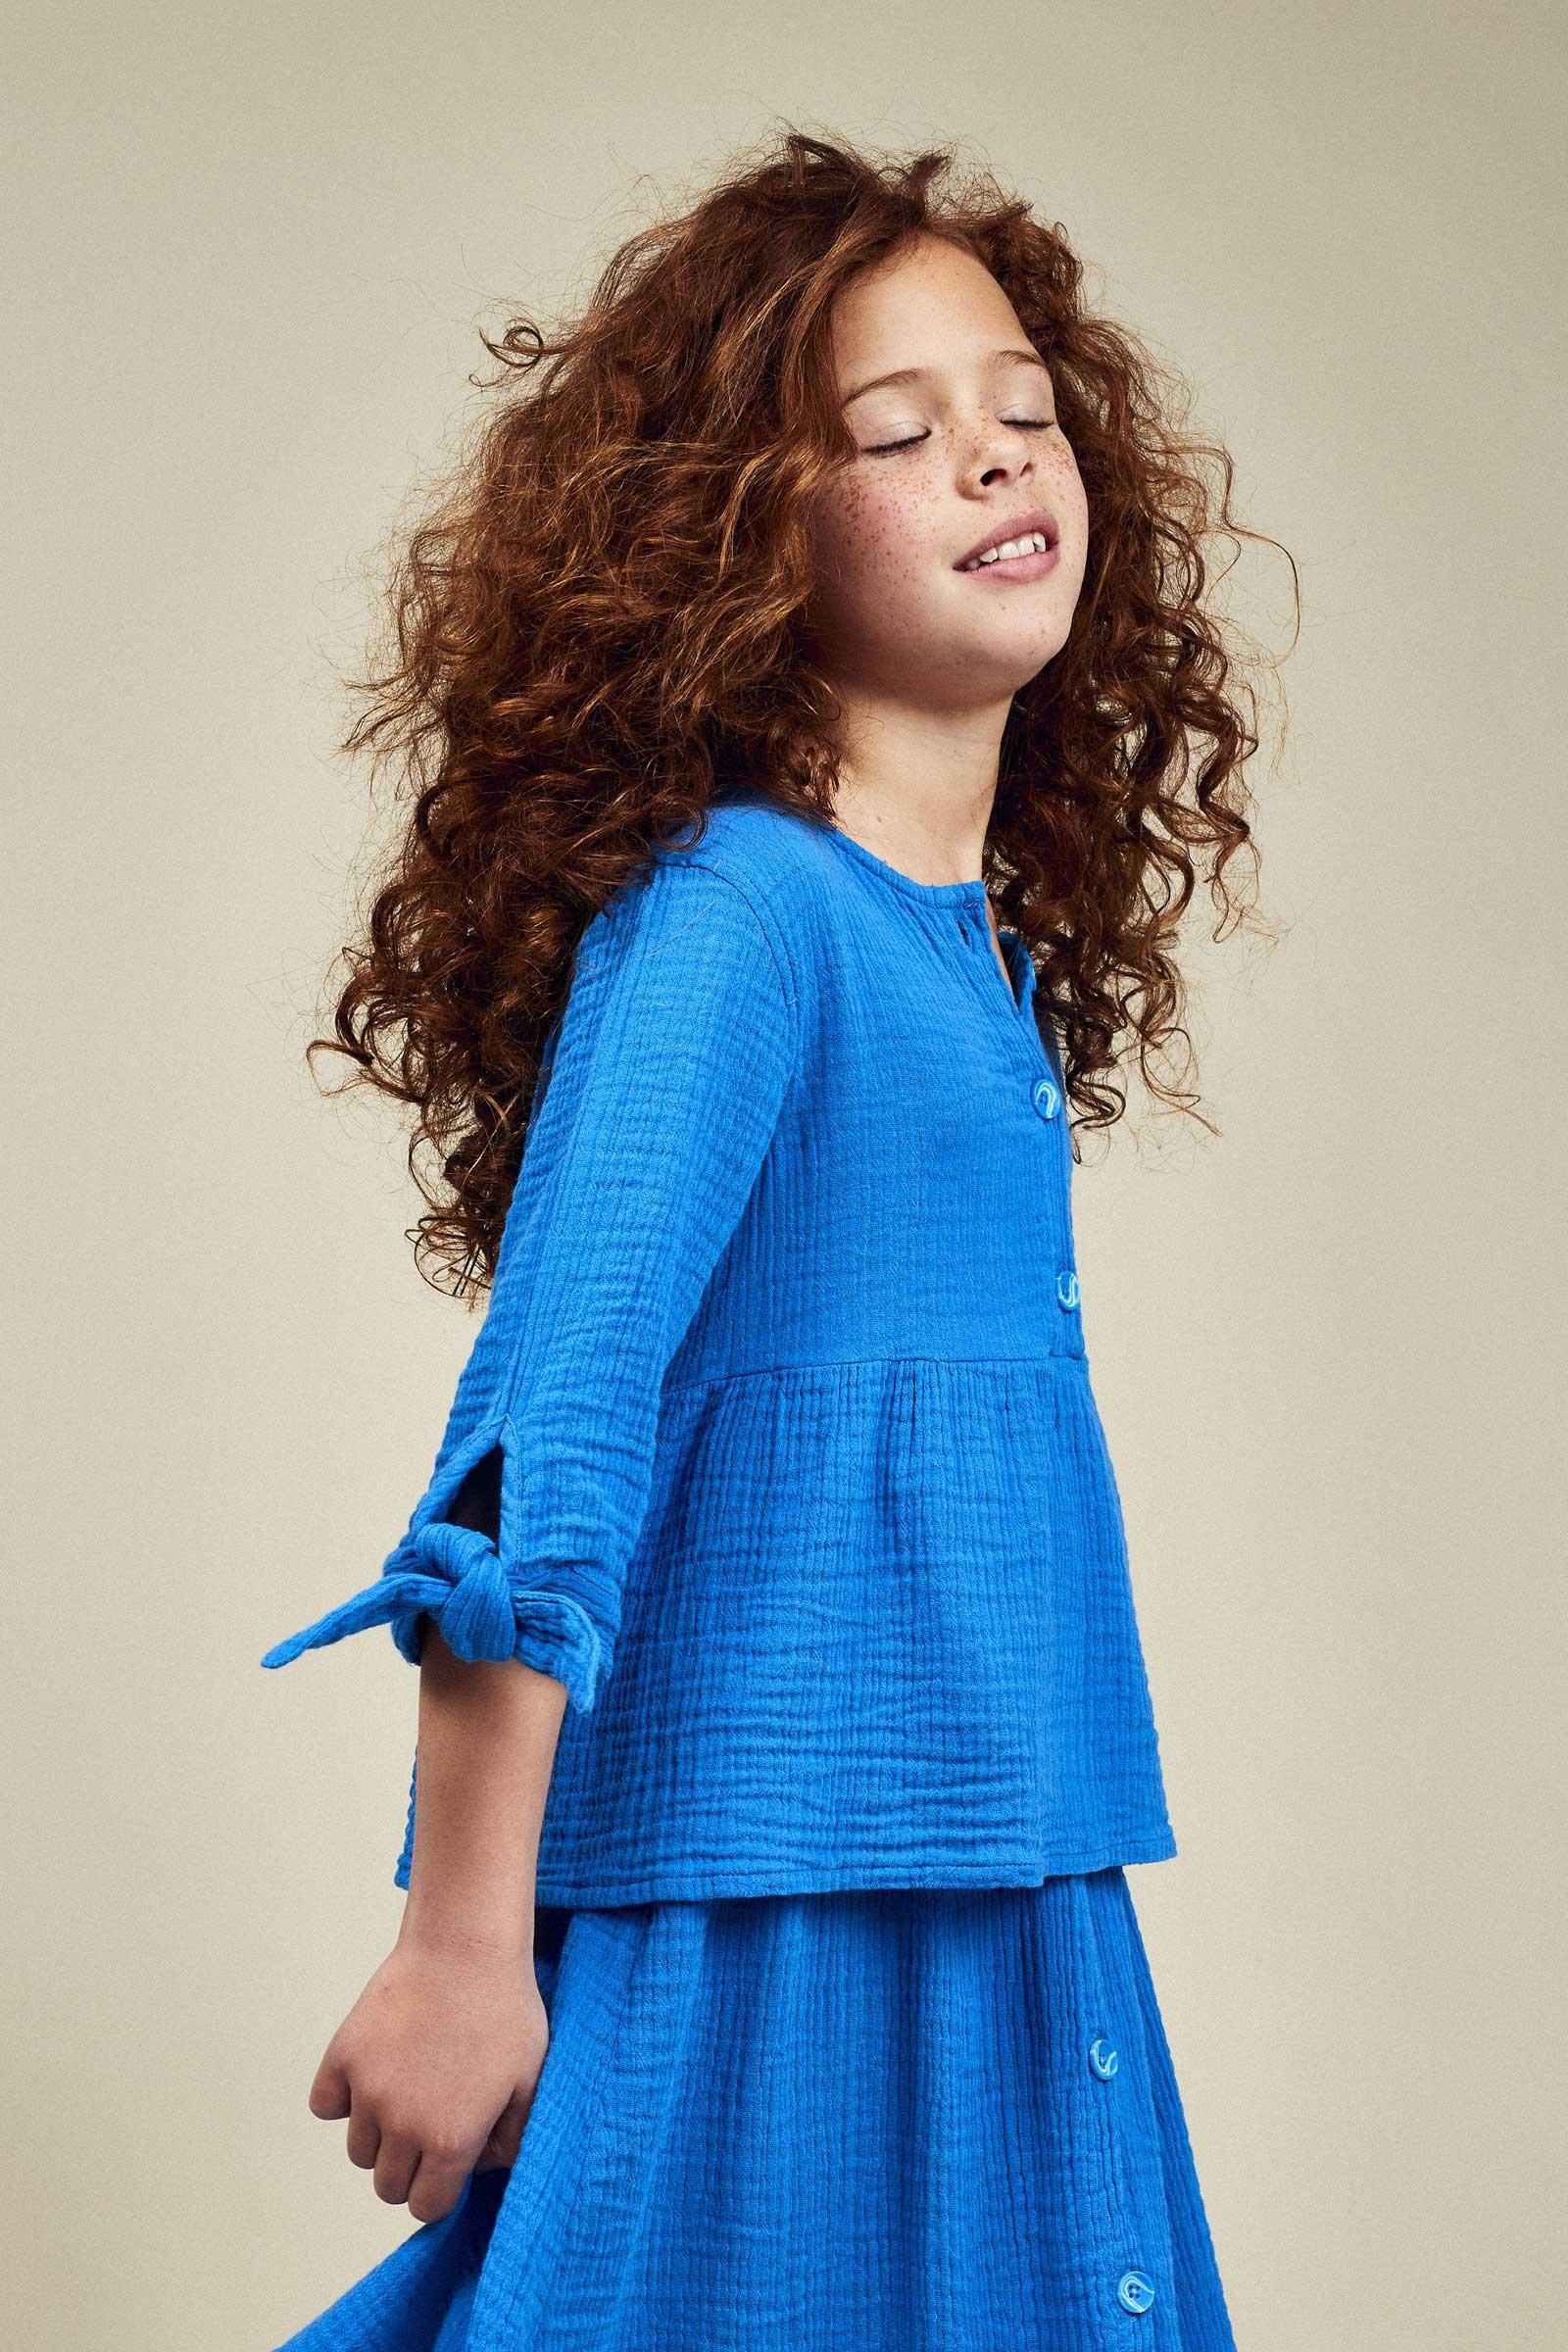 CKS Kids - WALLIS - blouse lange mouwen - blauw